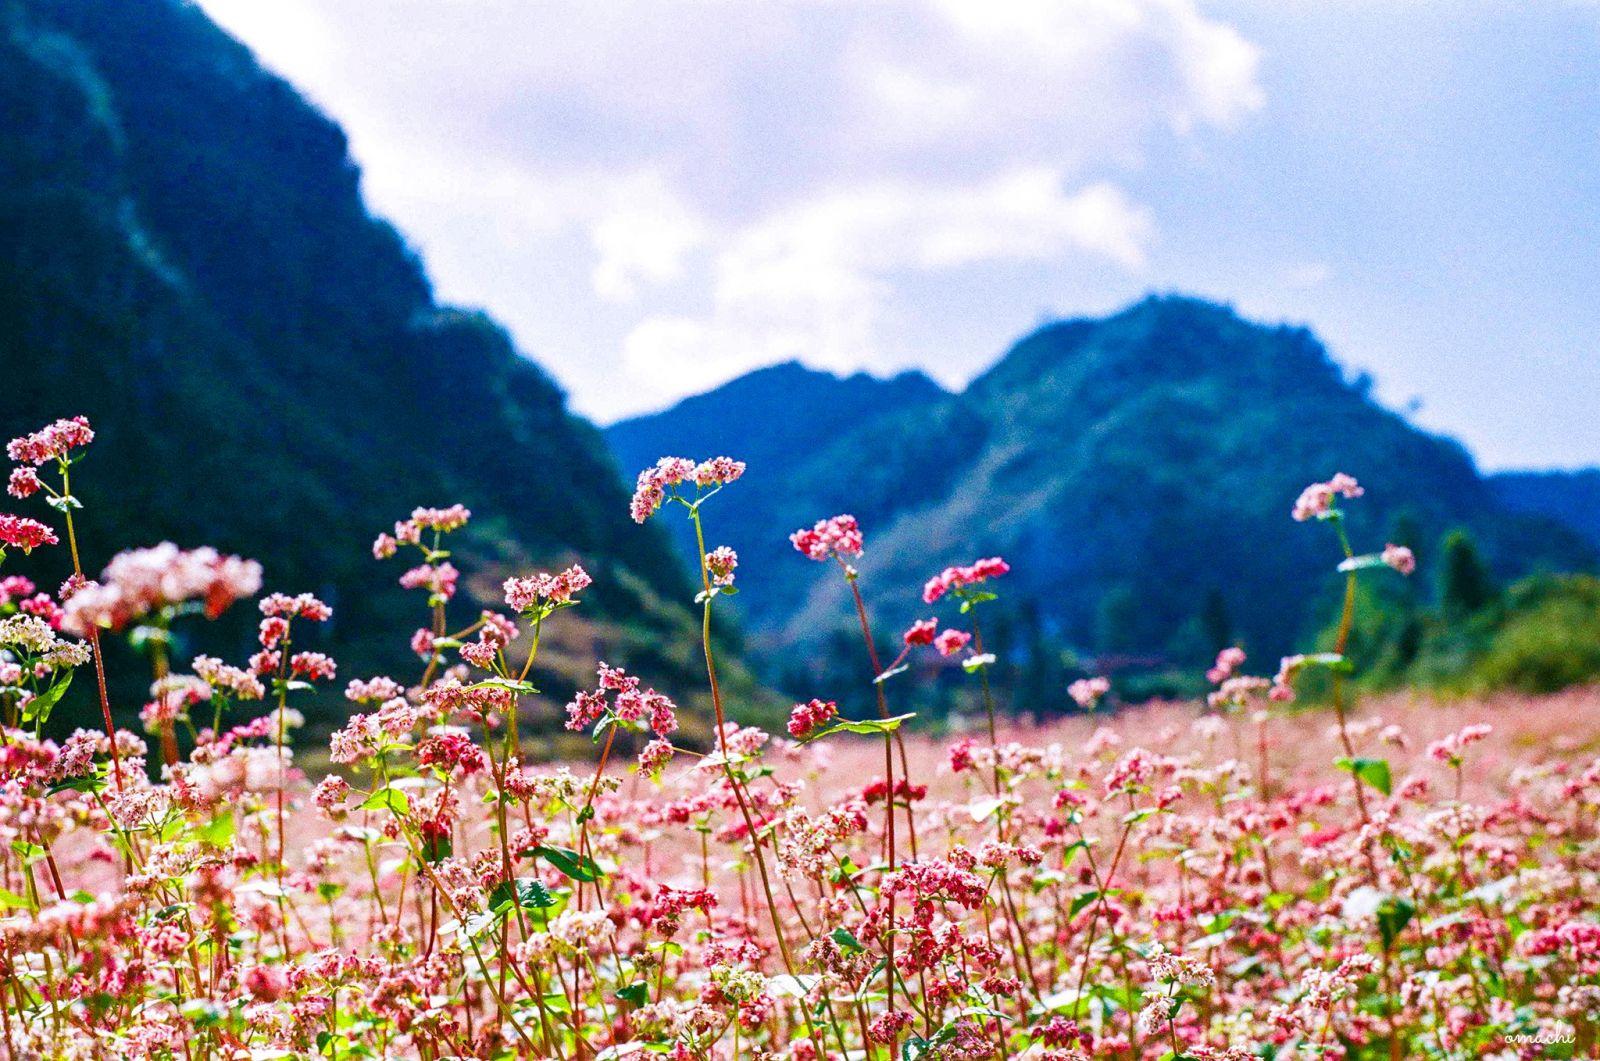 Du lịch Sapa tháng 10, chìm đắm trong vẻ đẹp thiên nhiên của vùng núi Tây Bắc - Ảnh 5.